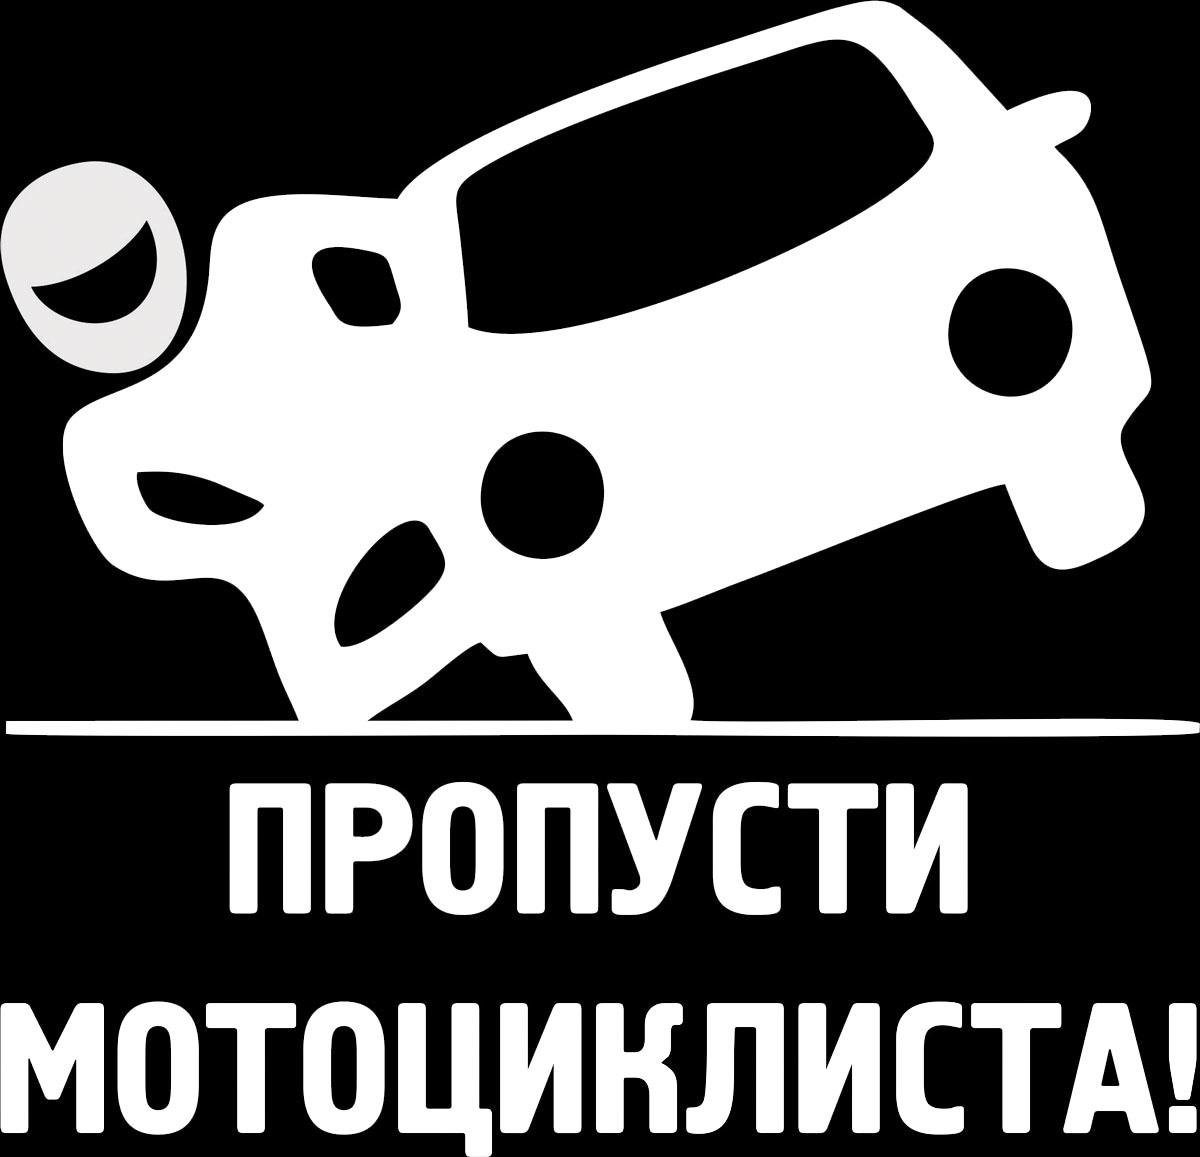 Фото - Наклейка ОранжевыйСлоник виниловая Пропусти для авто или интерьера, Винил авто